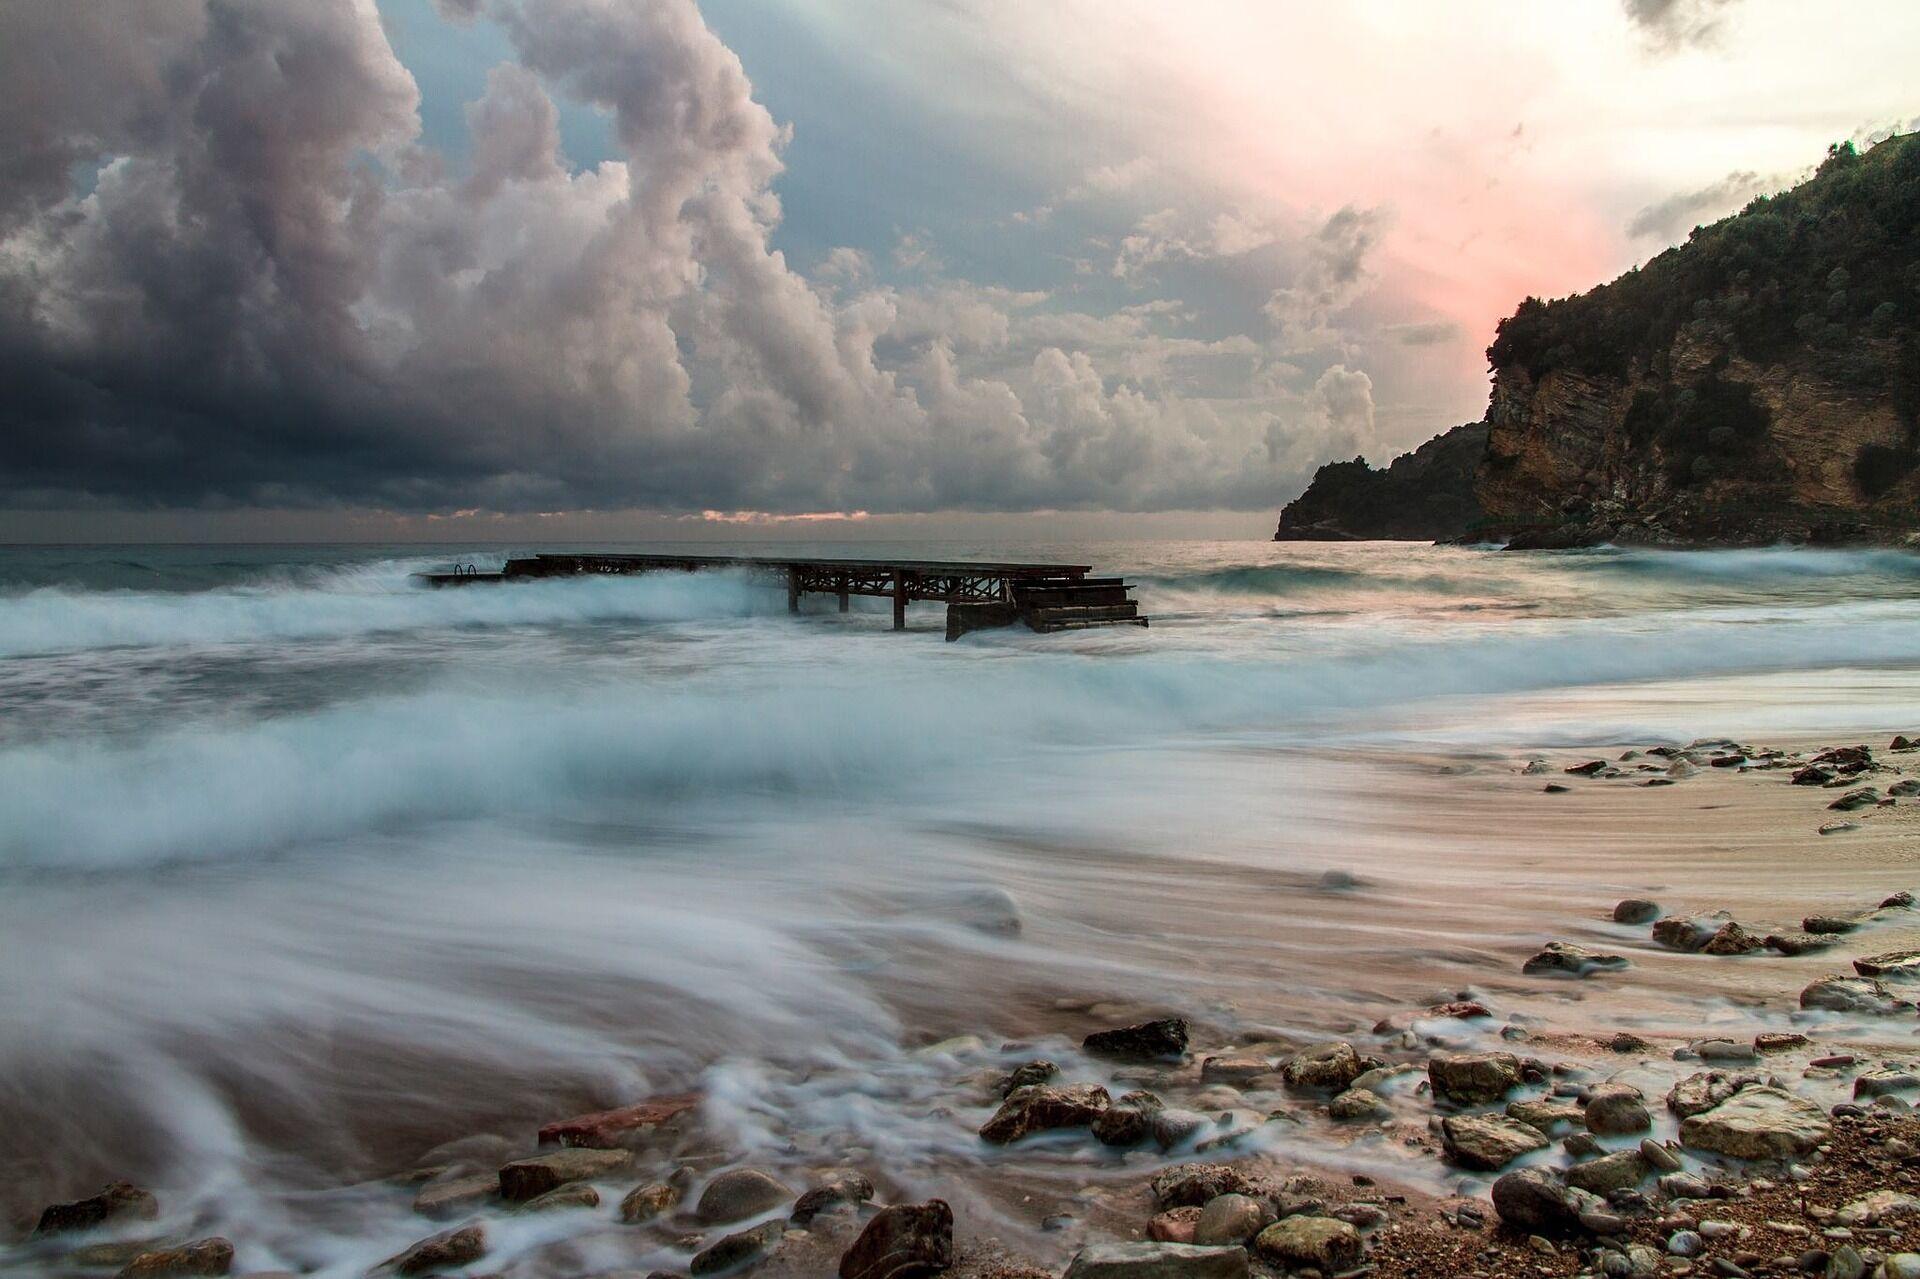 Пляжі в Будві часто дрібногалечні, а море захищено від холодних течій.